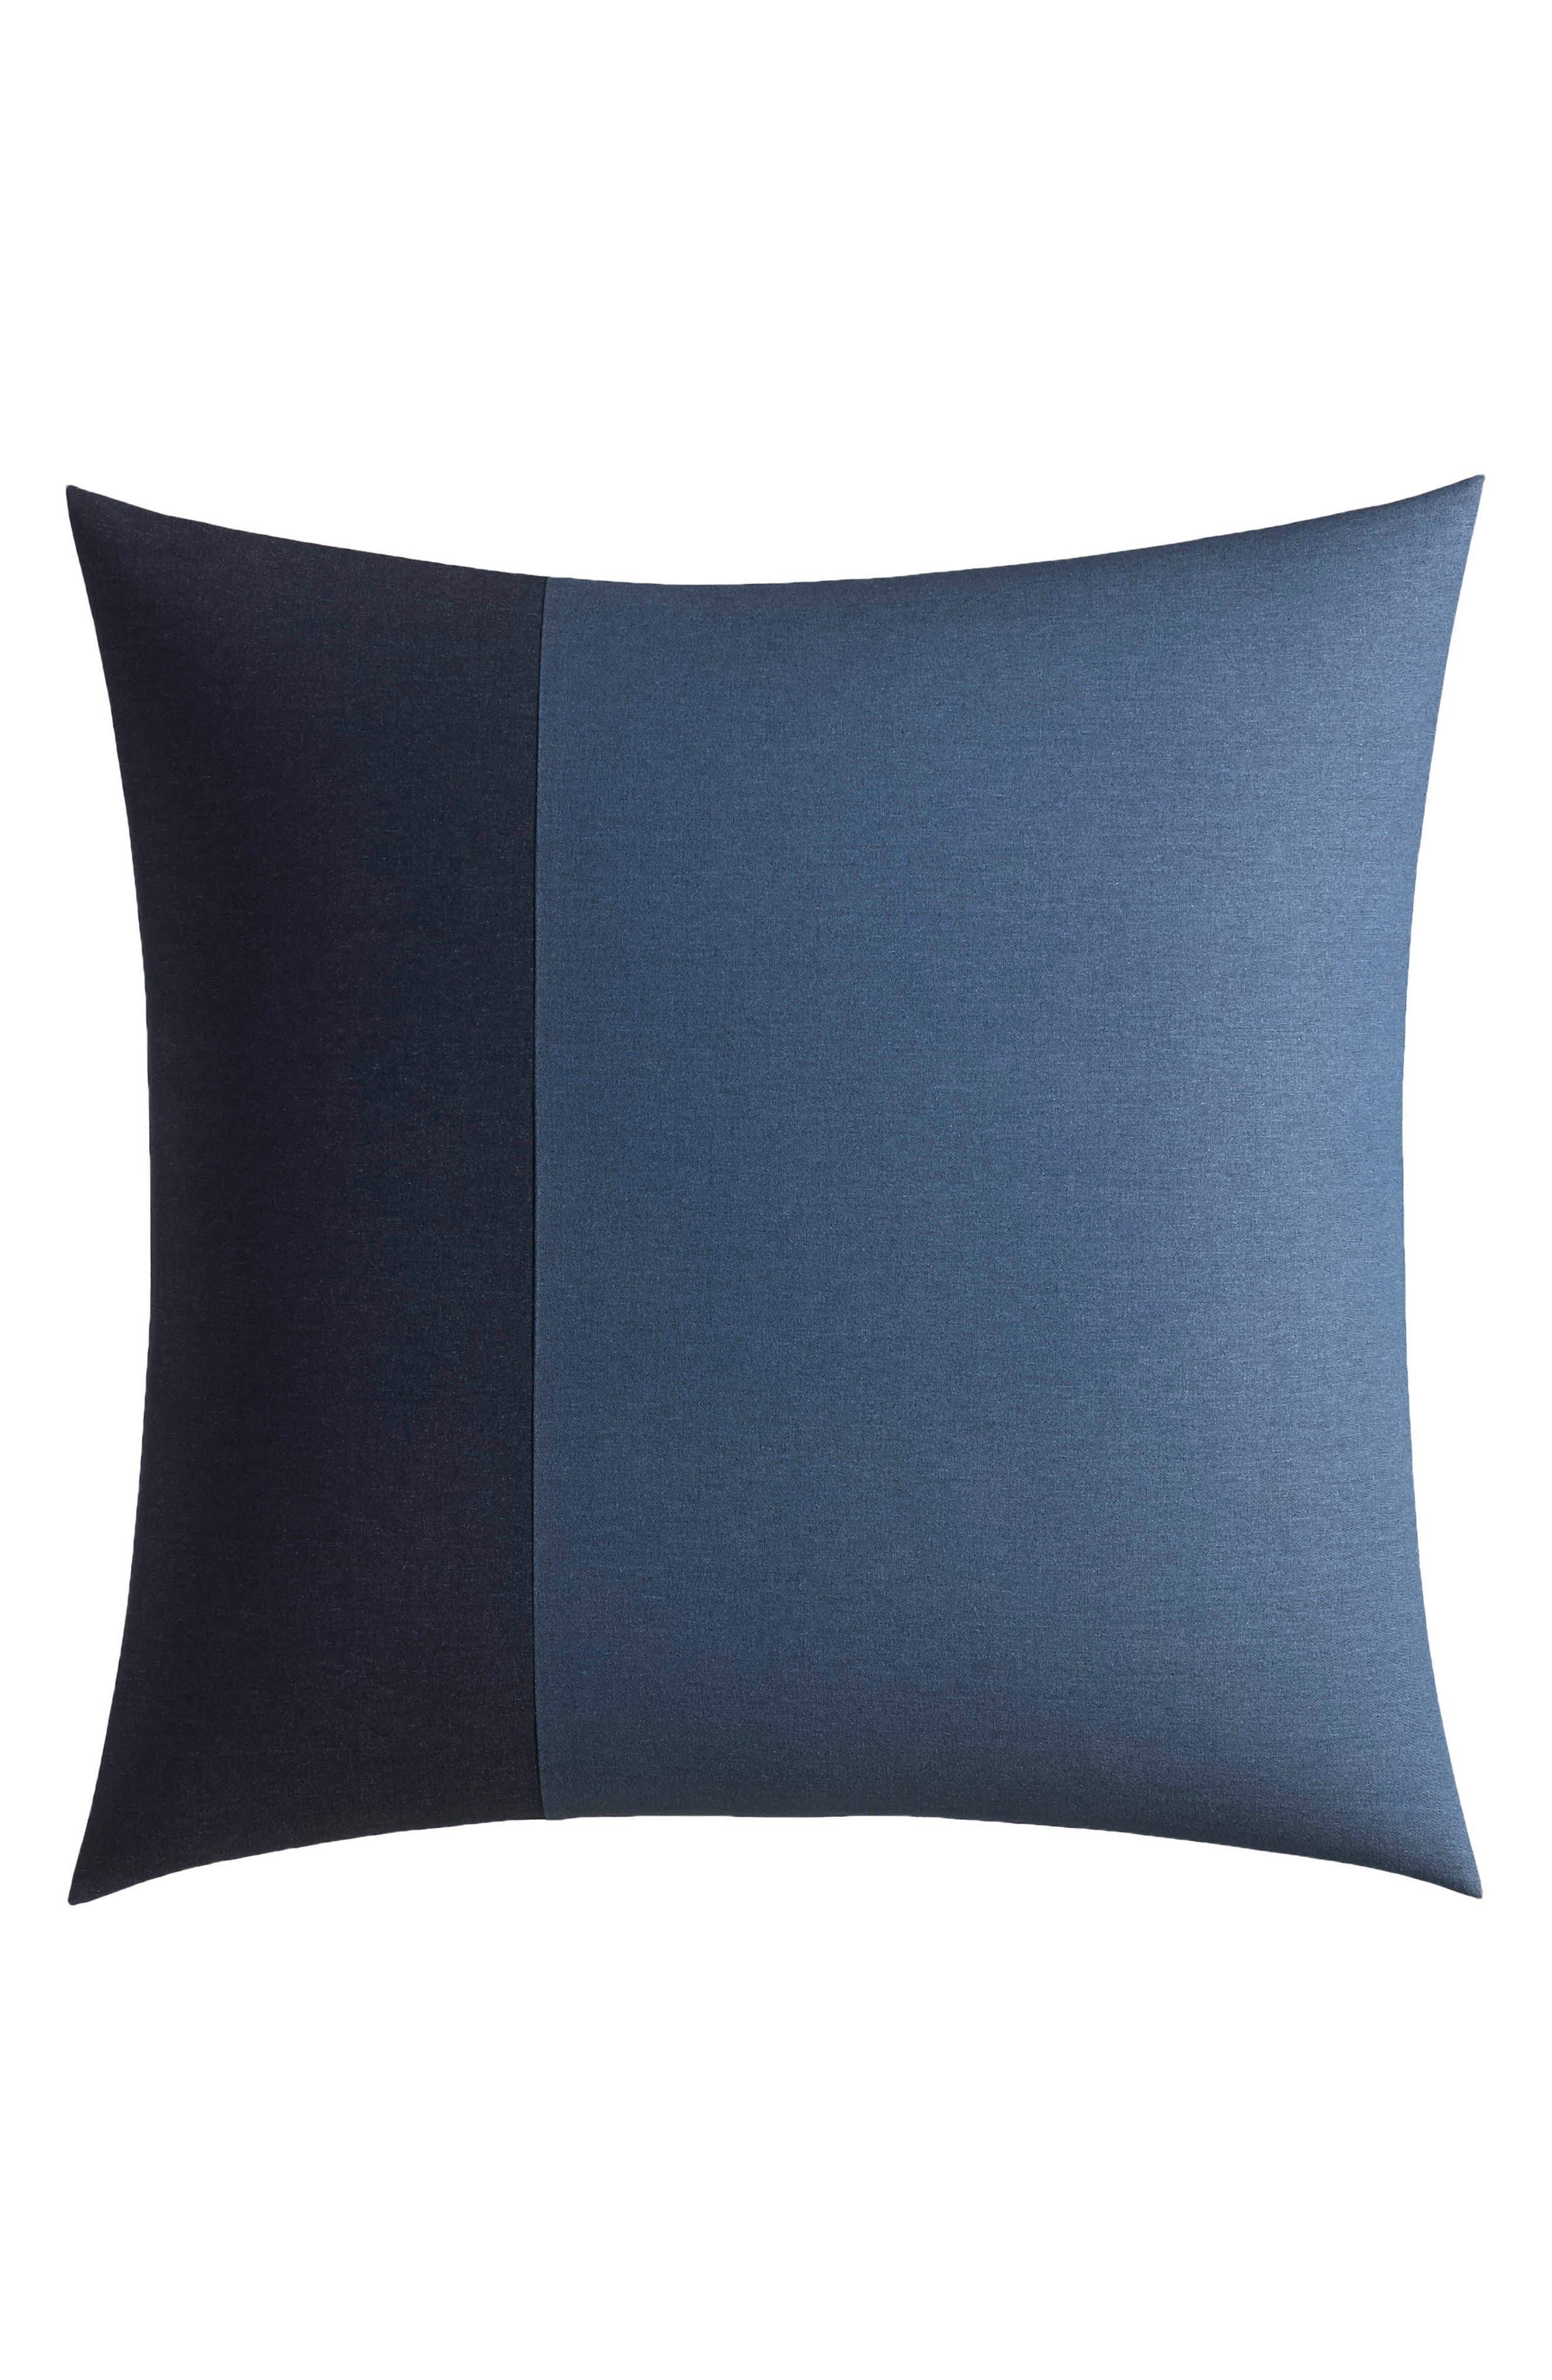 Lockridge Euro Sham,                             Main thumbnail 1, color,                             Dark Blue